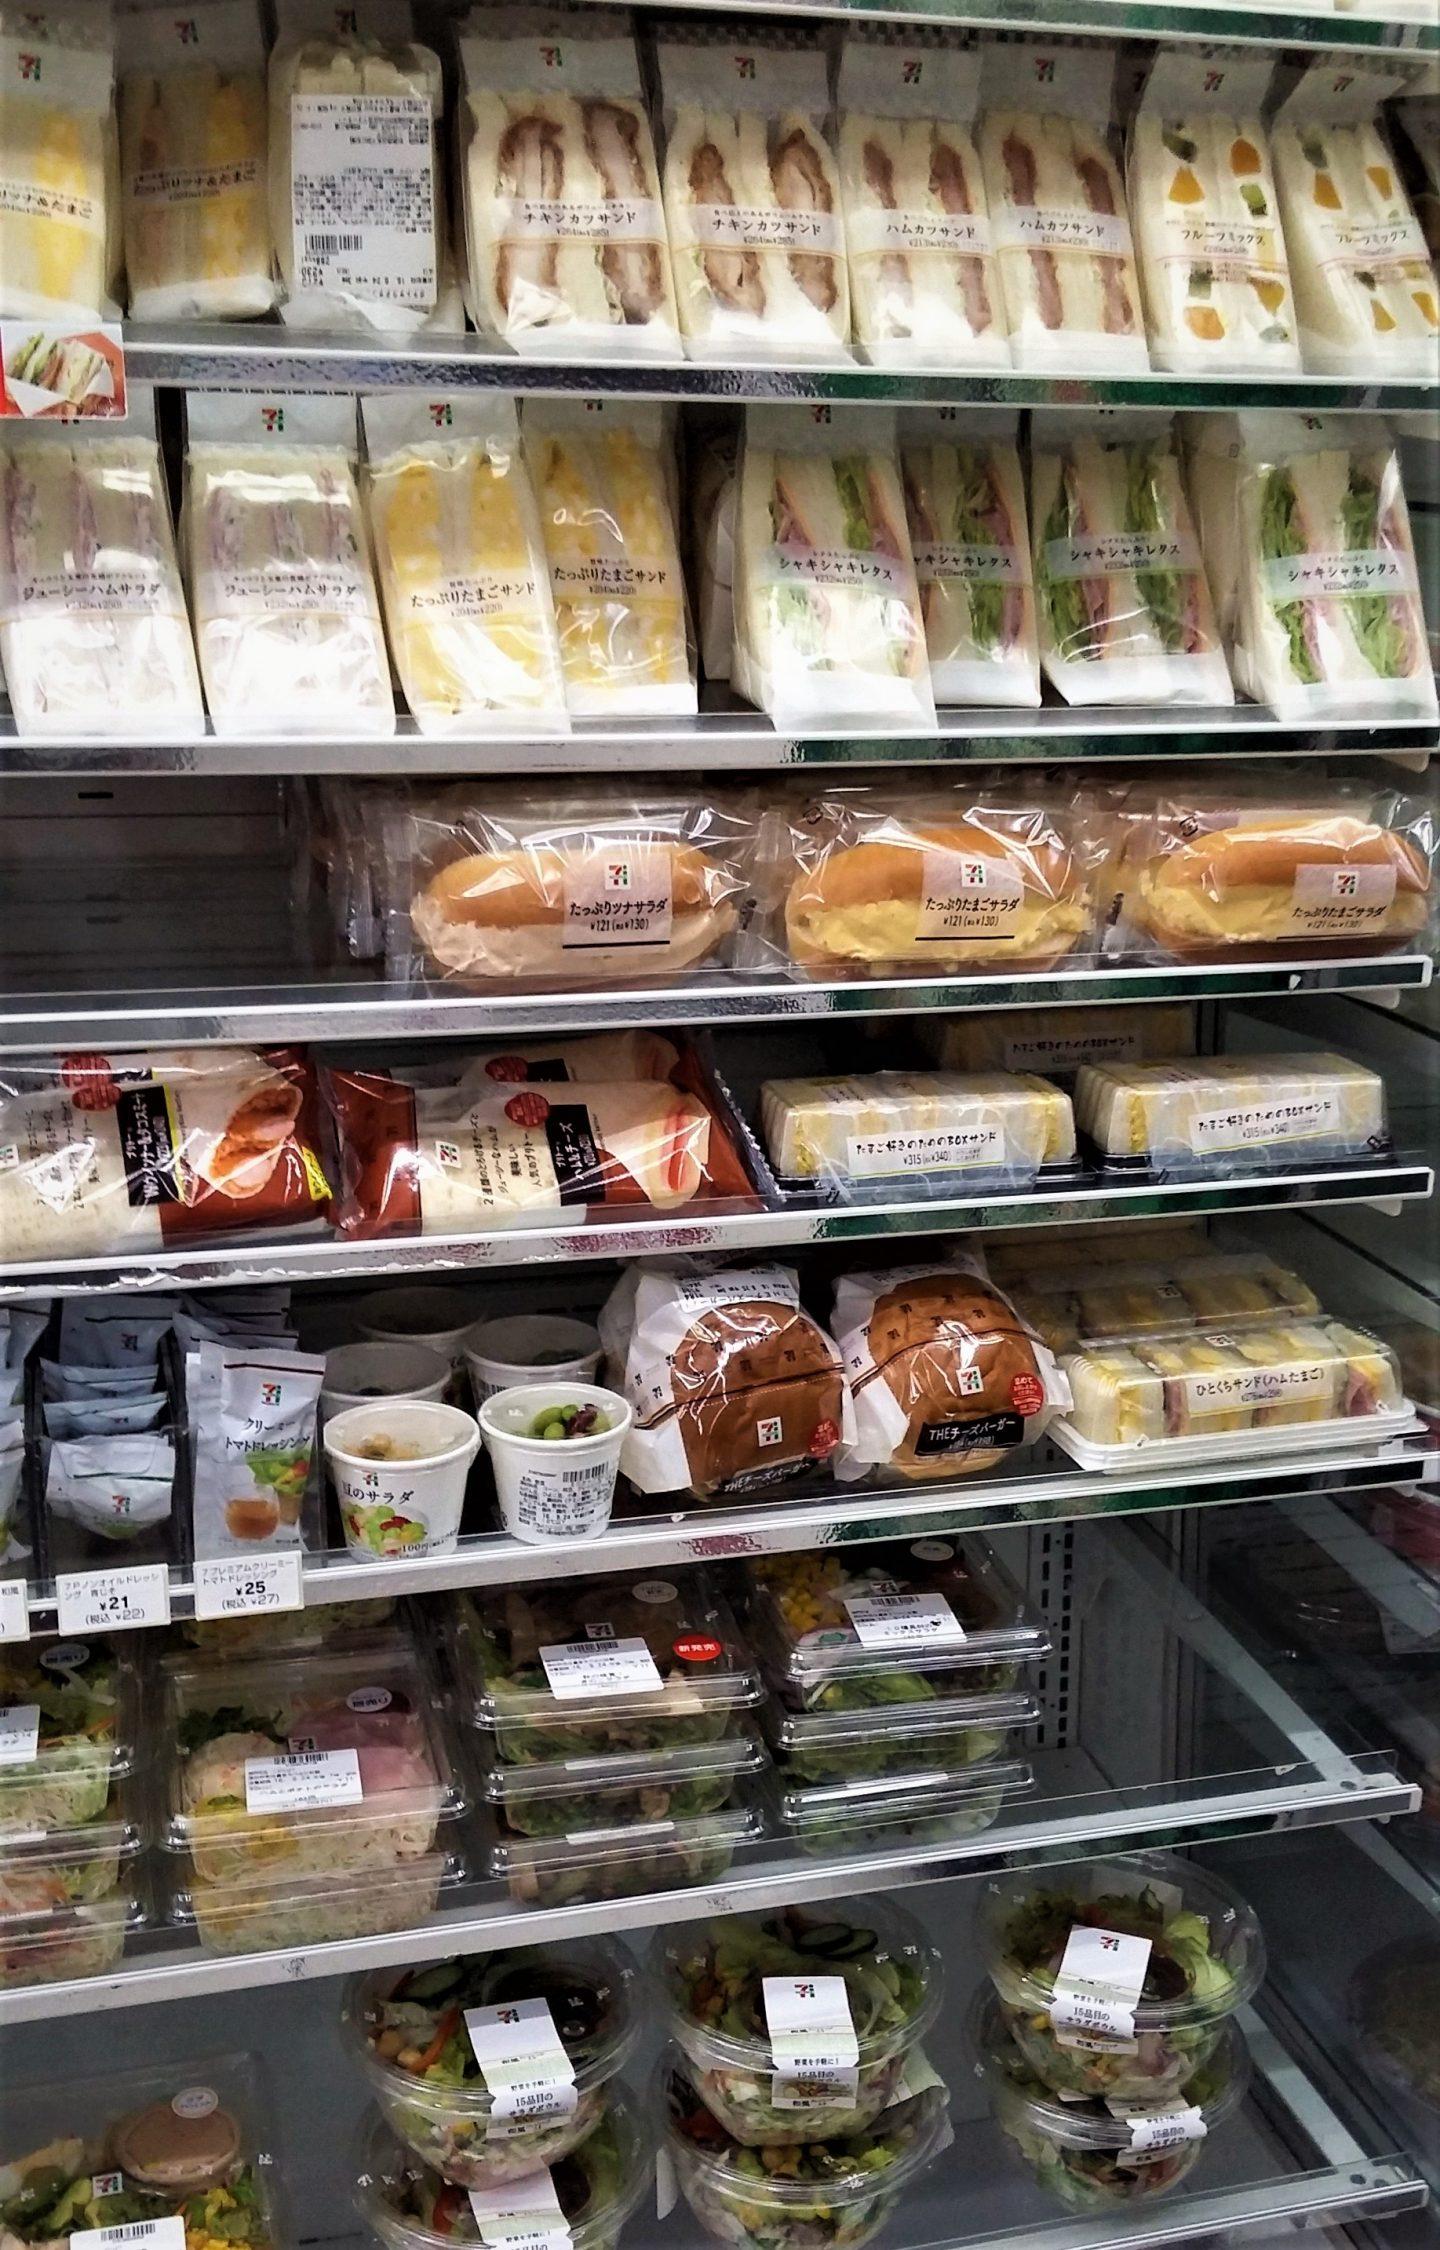 Mahlzeiten-Asuwahl in einem Kühlregal eines japanischen Konbinis